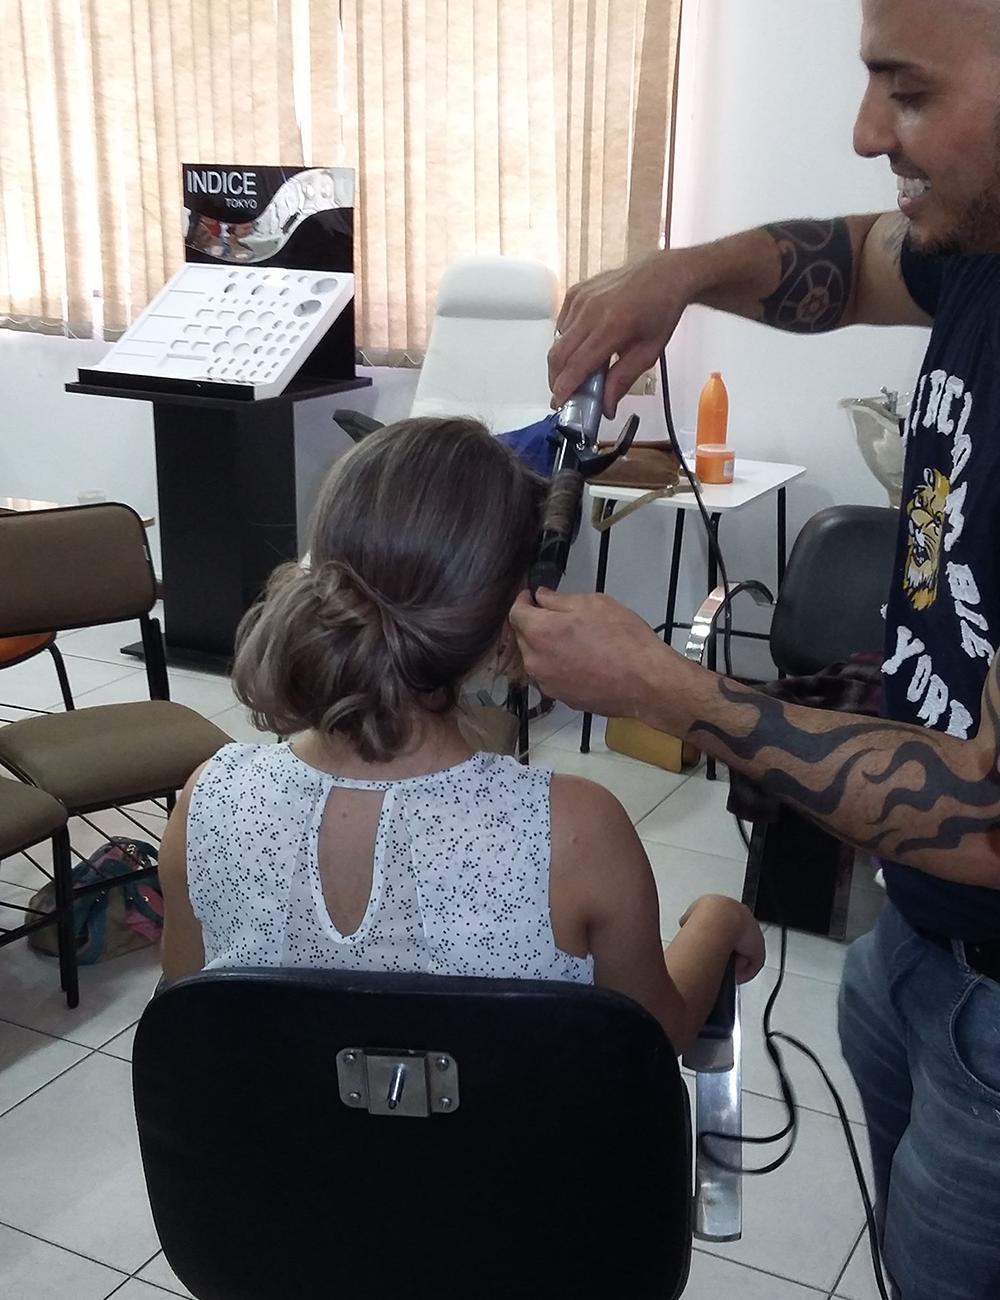 Agnelo Souza finalizando curso em Florianópolis - SC com penteados.